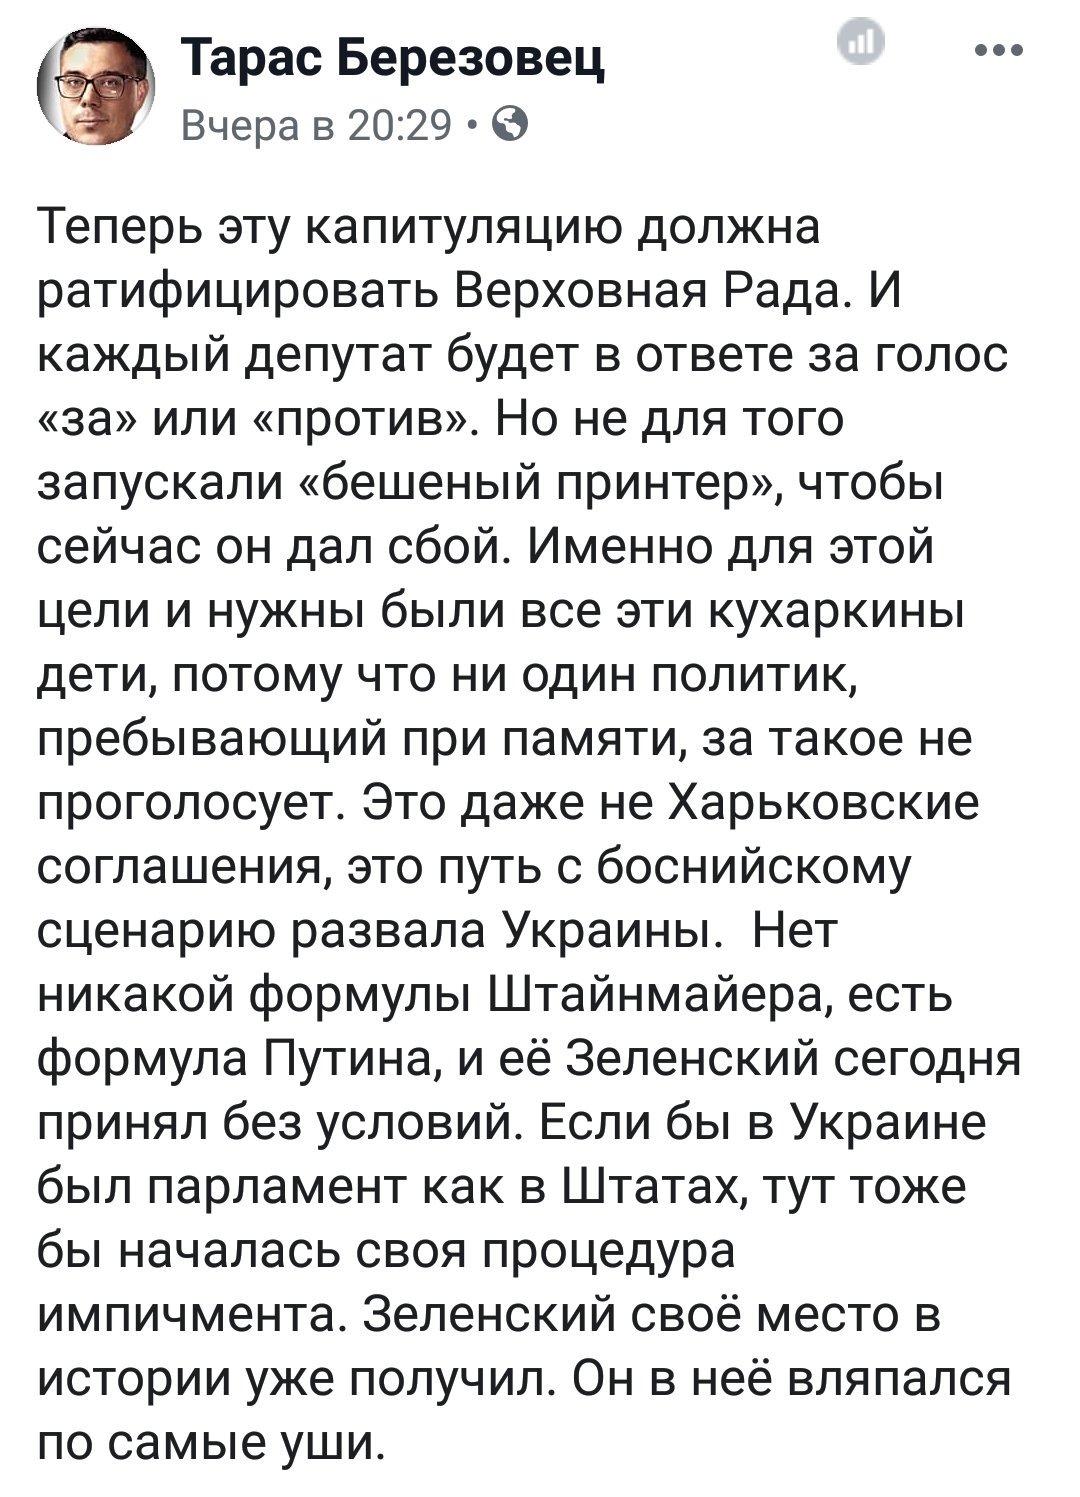 Конгрес США схвалив продаж Javelin Україні на суму 39 млн доларів, - Bloomberg - Цензор.НЕТ 4905